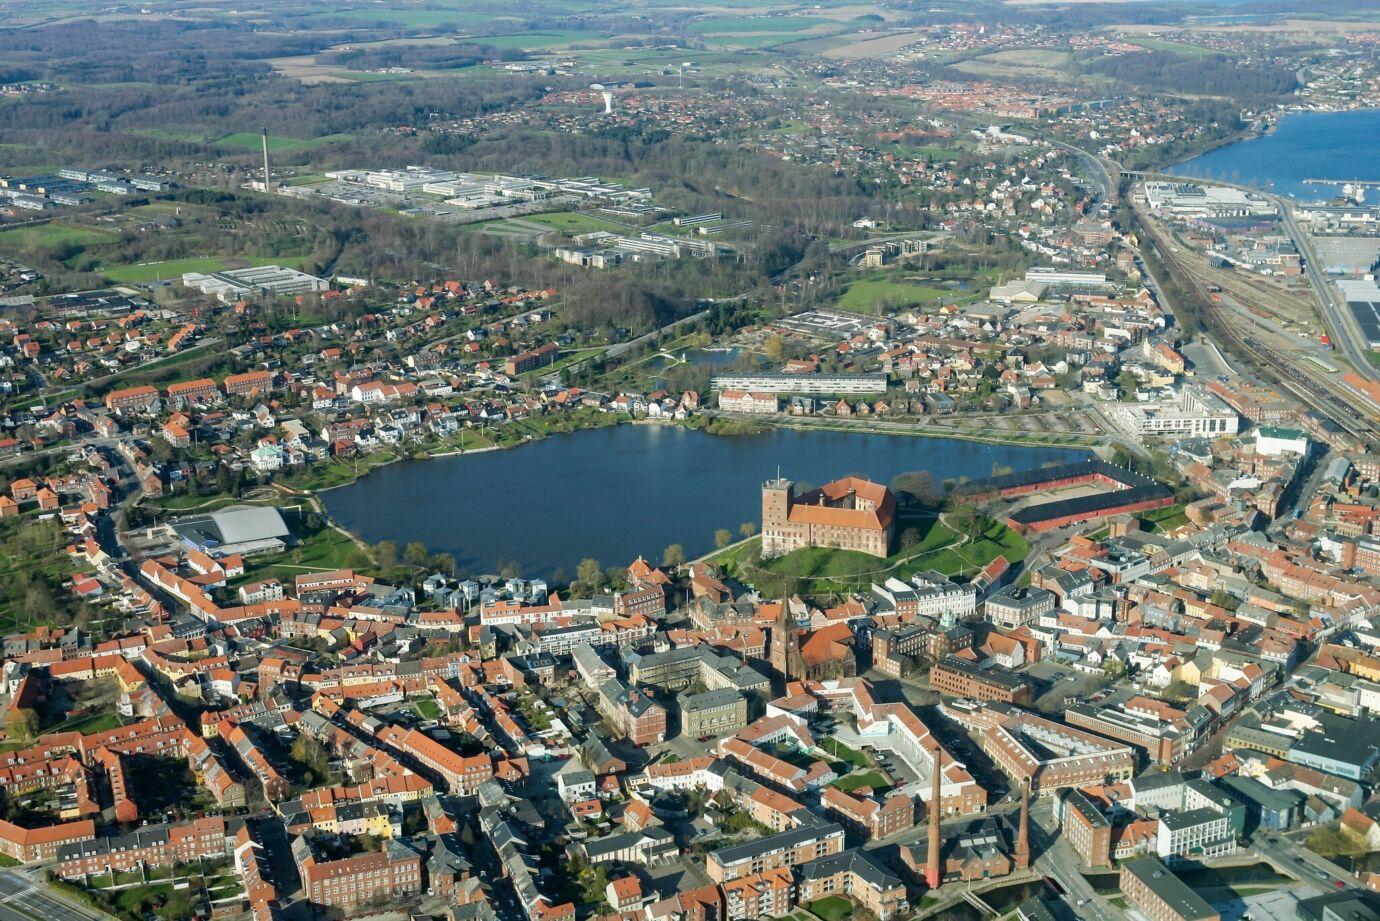 Luftfotos Danmark 6000 Kolding Kolding 2005 04 24 GJ7 I5137 Danapix X4